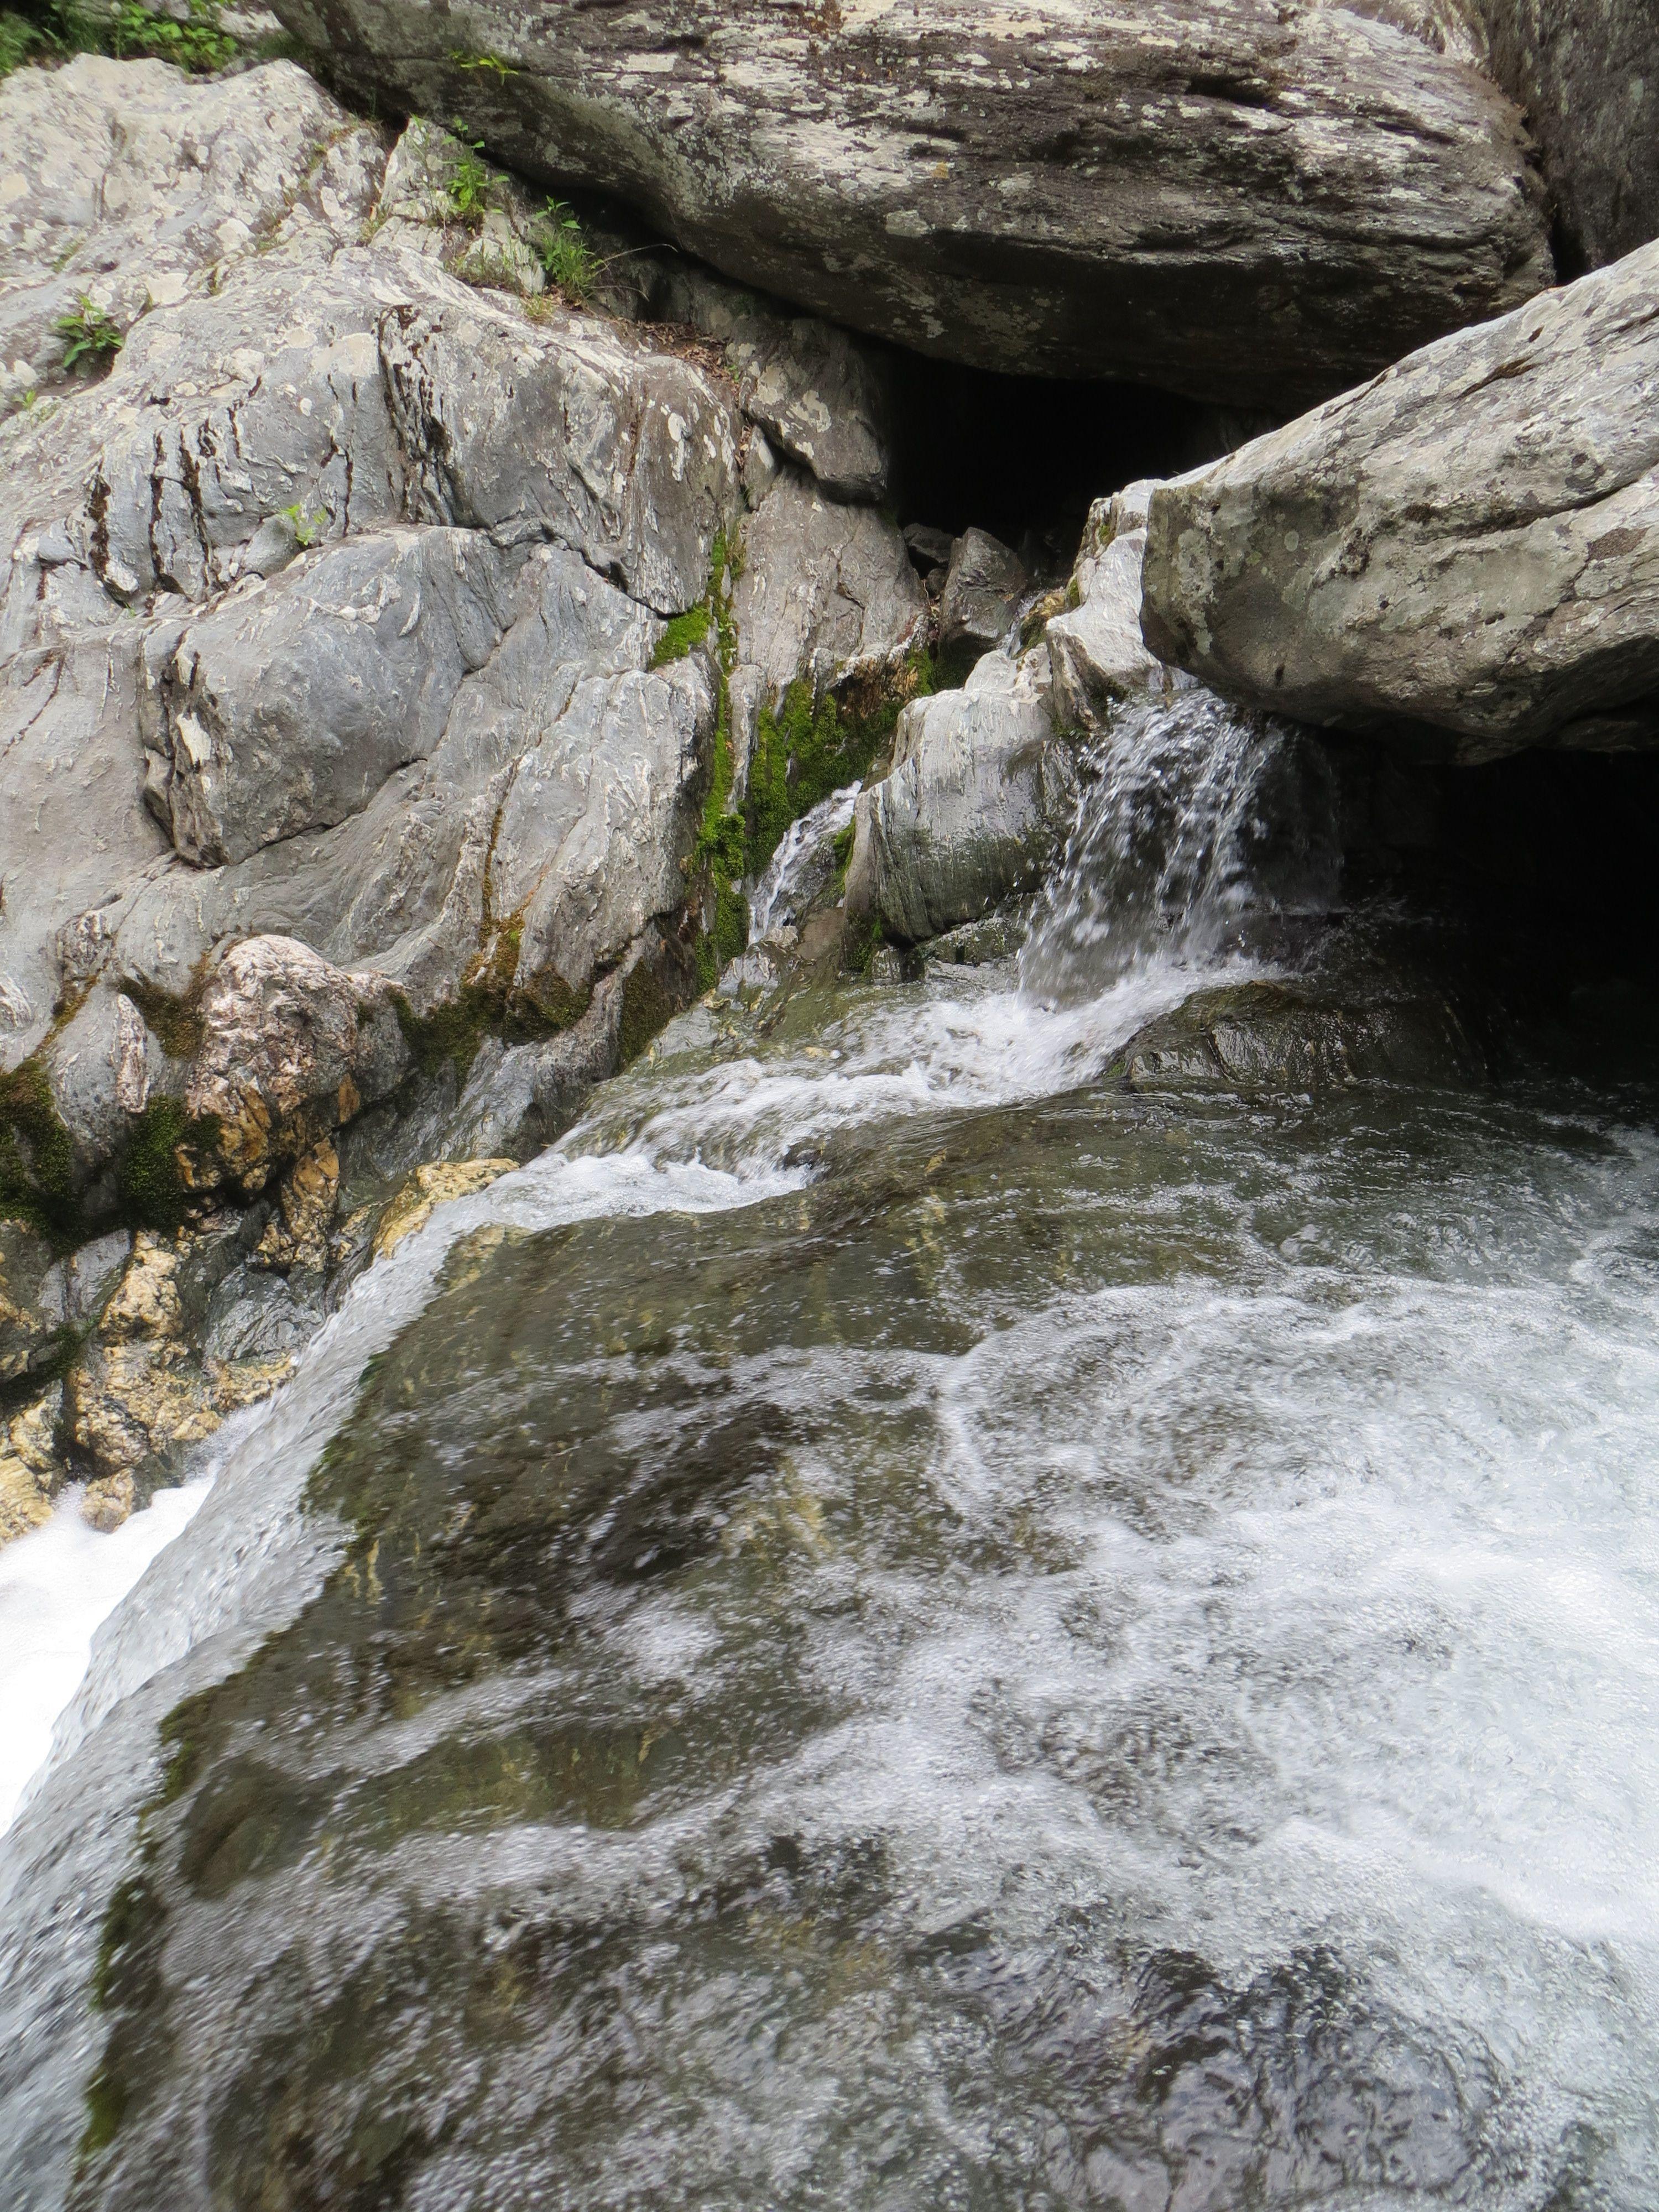 #walkphotography mini falls at Bish Bash Falls